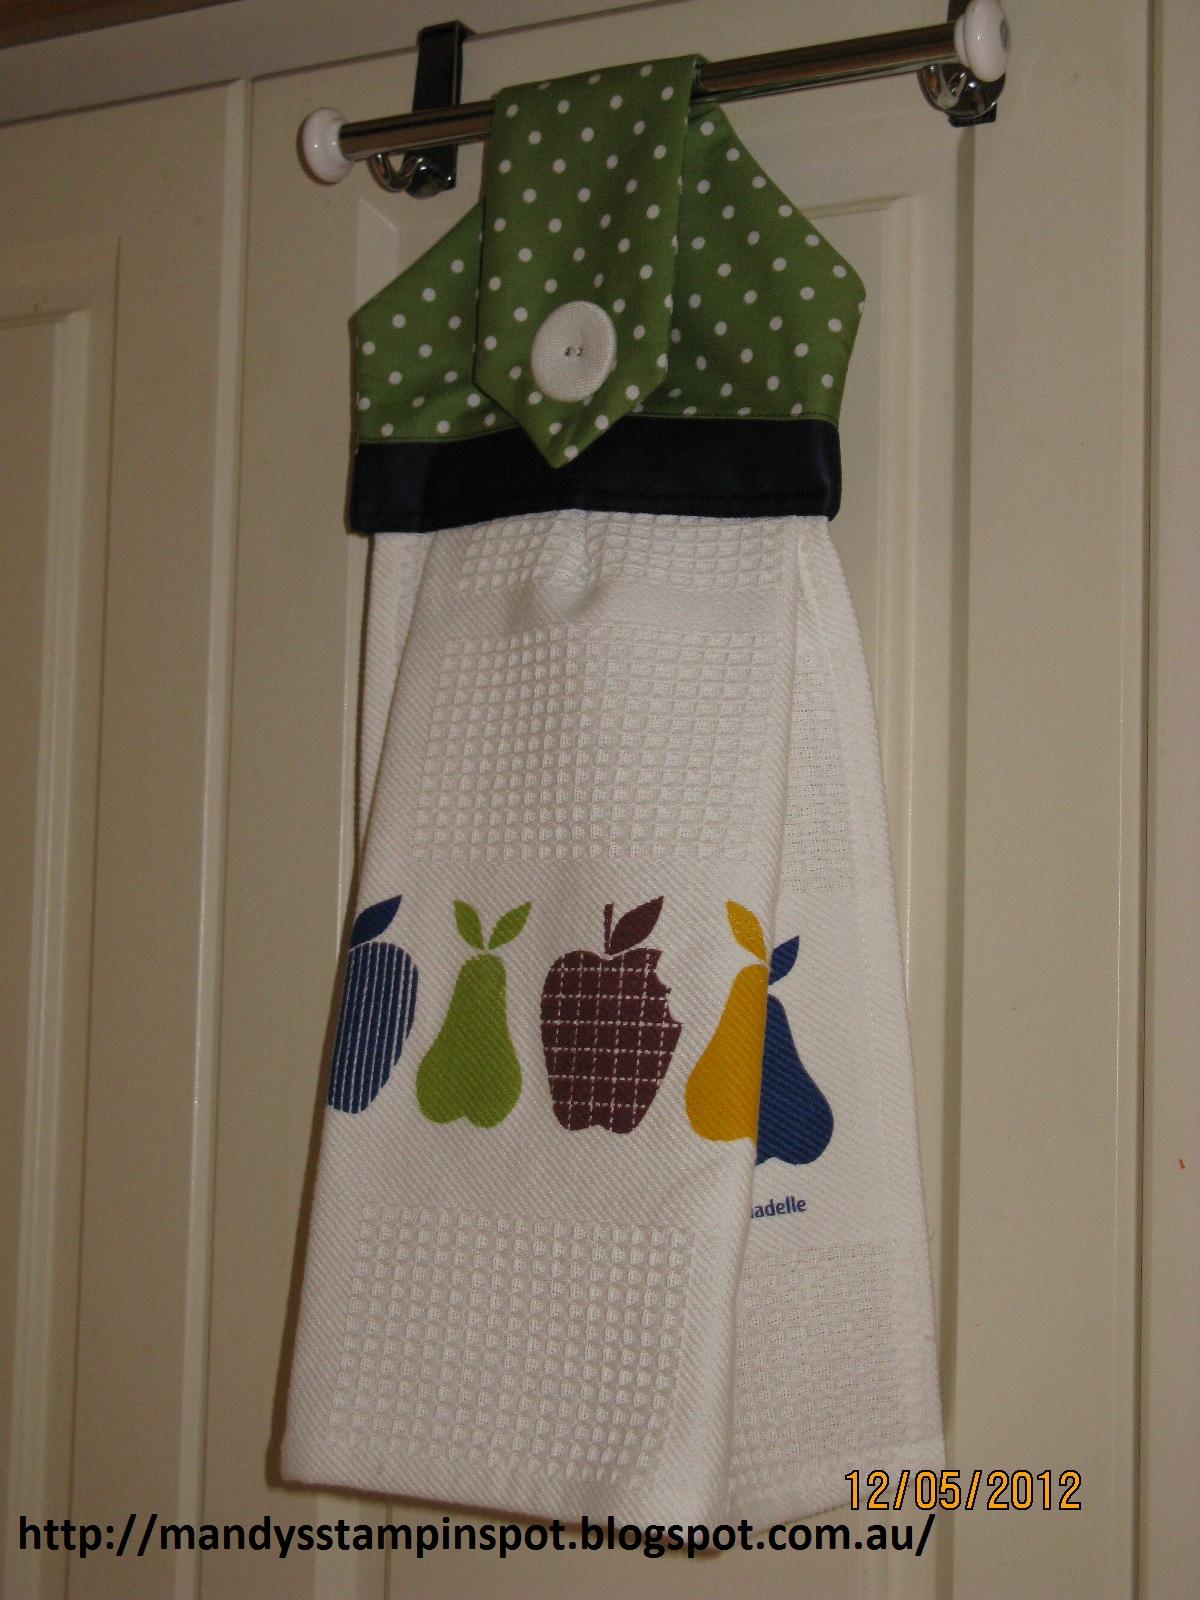 Kitchen Towel Hanging Mandys Stampin Spot Sewing Hanging Hand Towel